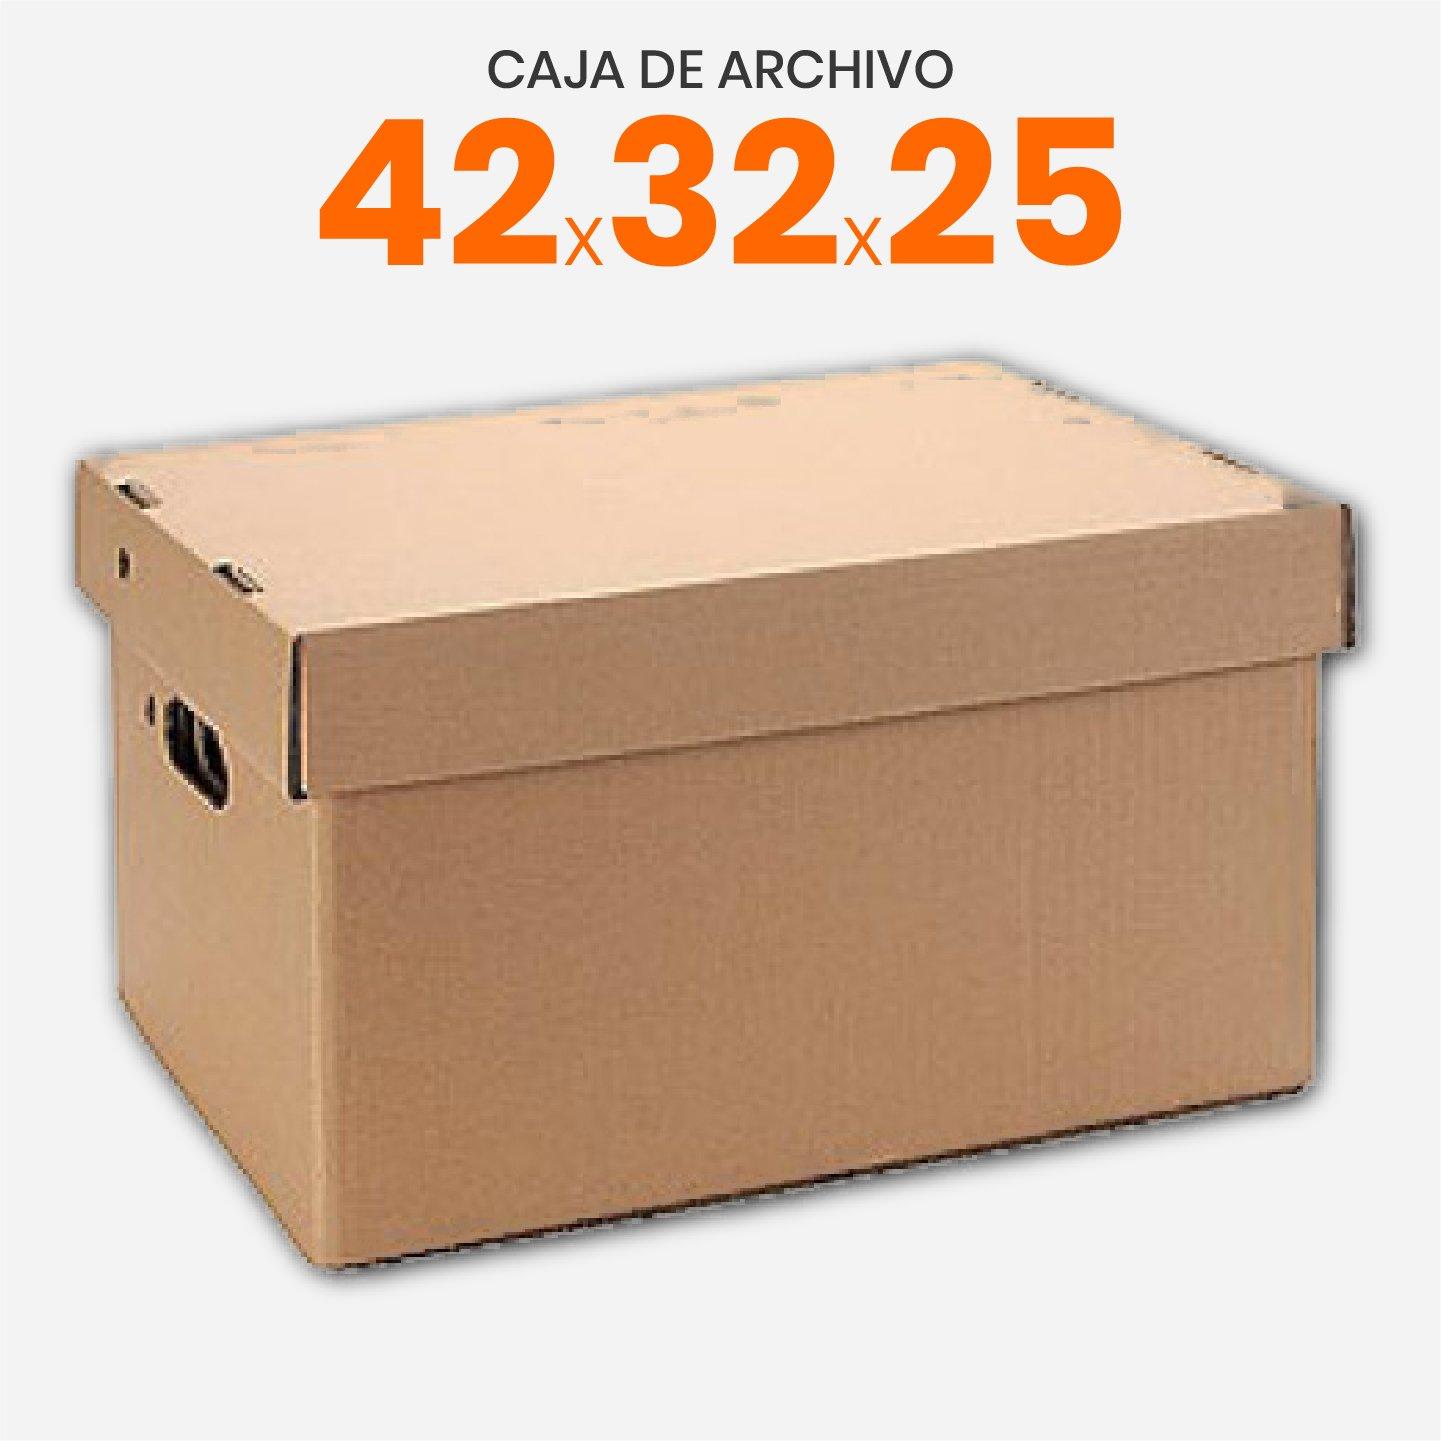 Cajas de archivo americana de cartón 42x32x25